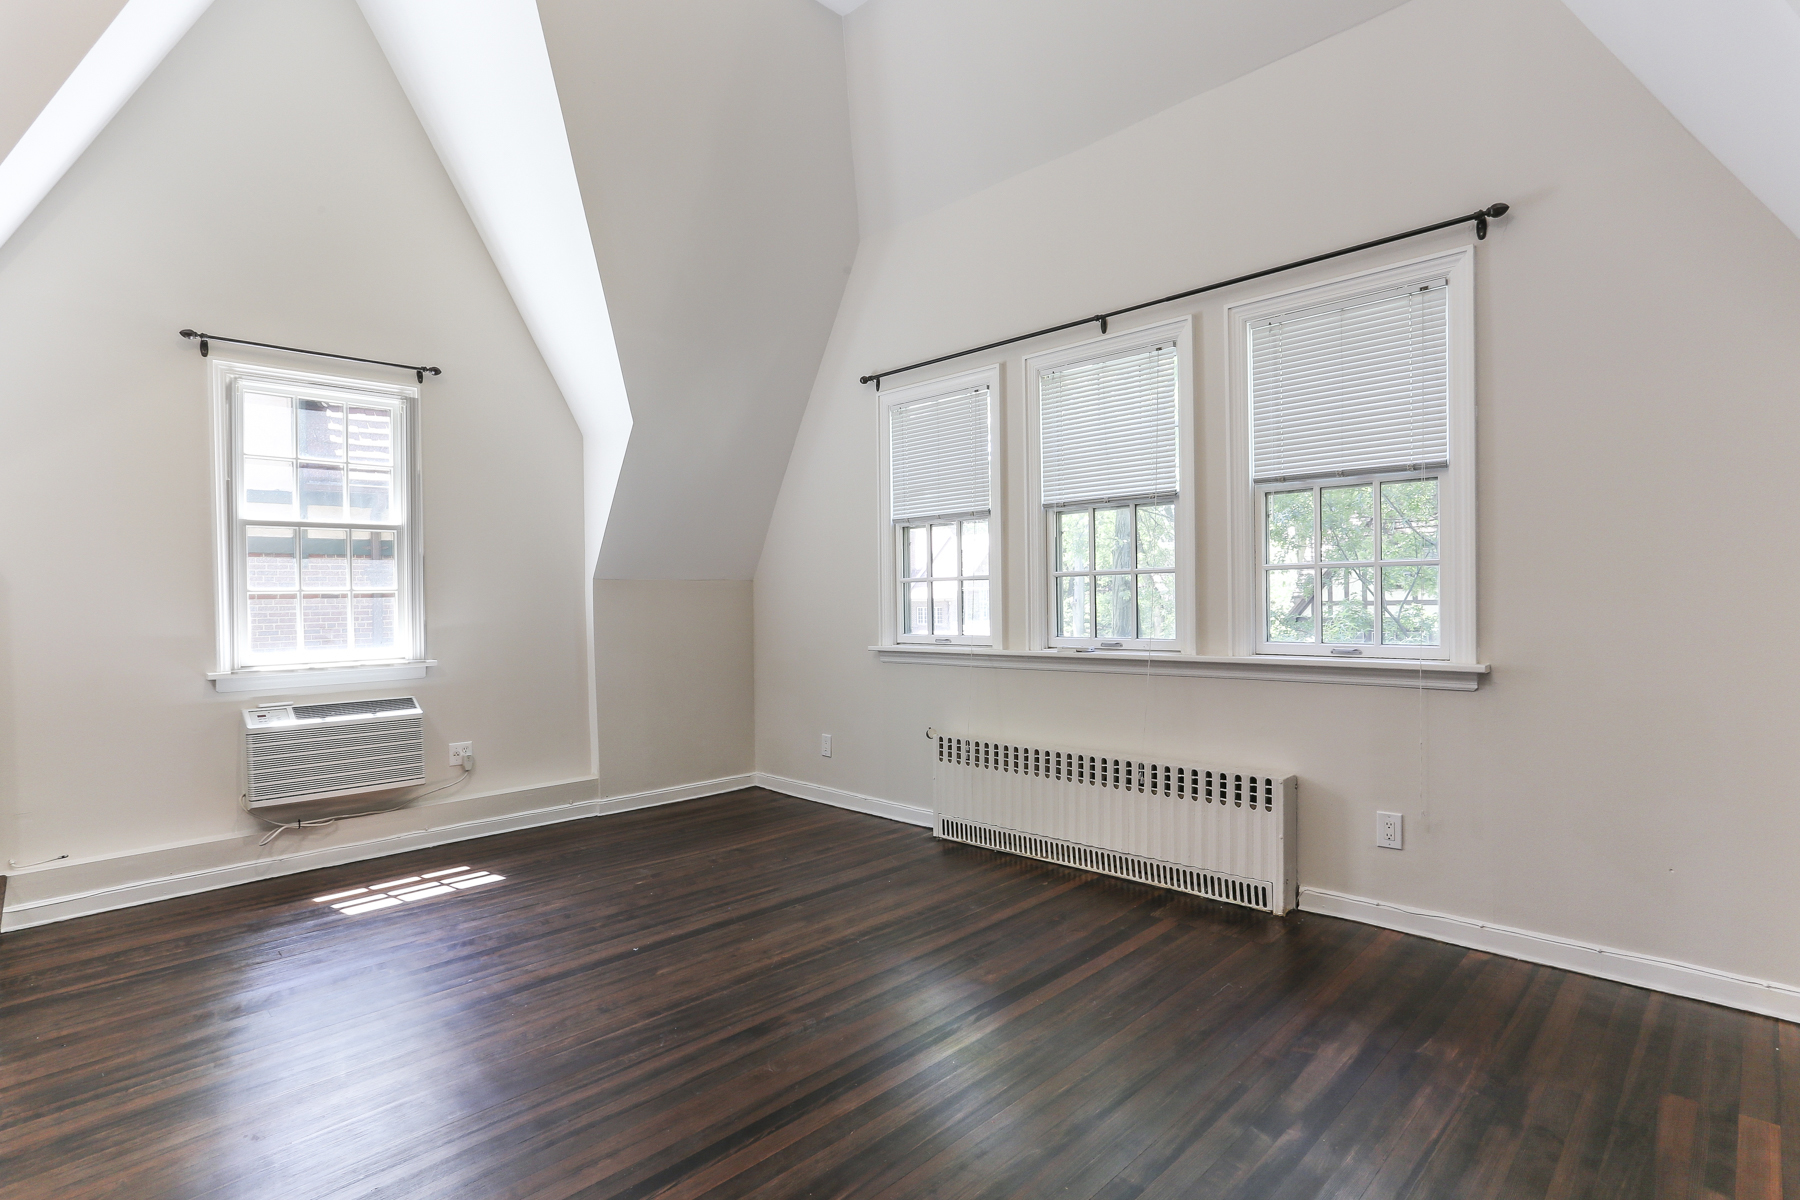 """Additional photo for property listing at """"DESIGNER SHOWCASE LOFT LIVING""""  Forest Hills, 紐約州 11375 美國"""